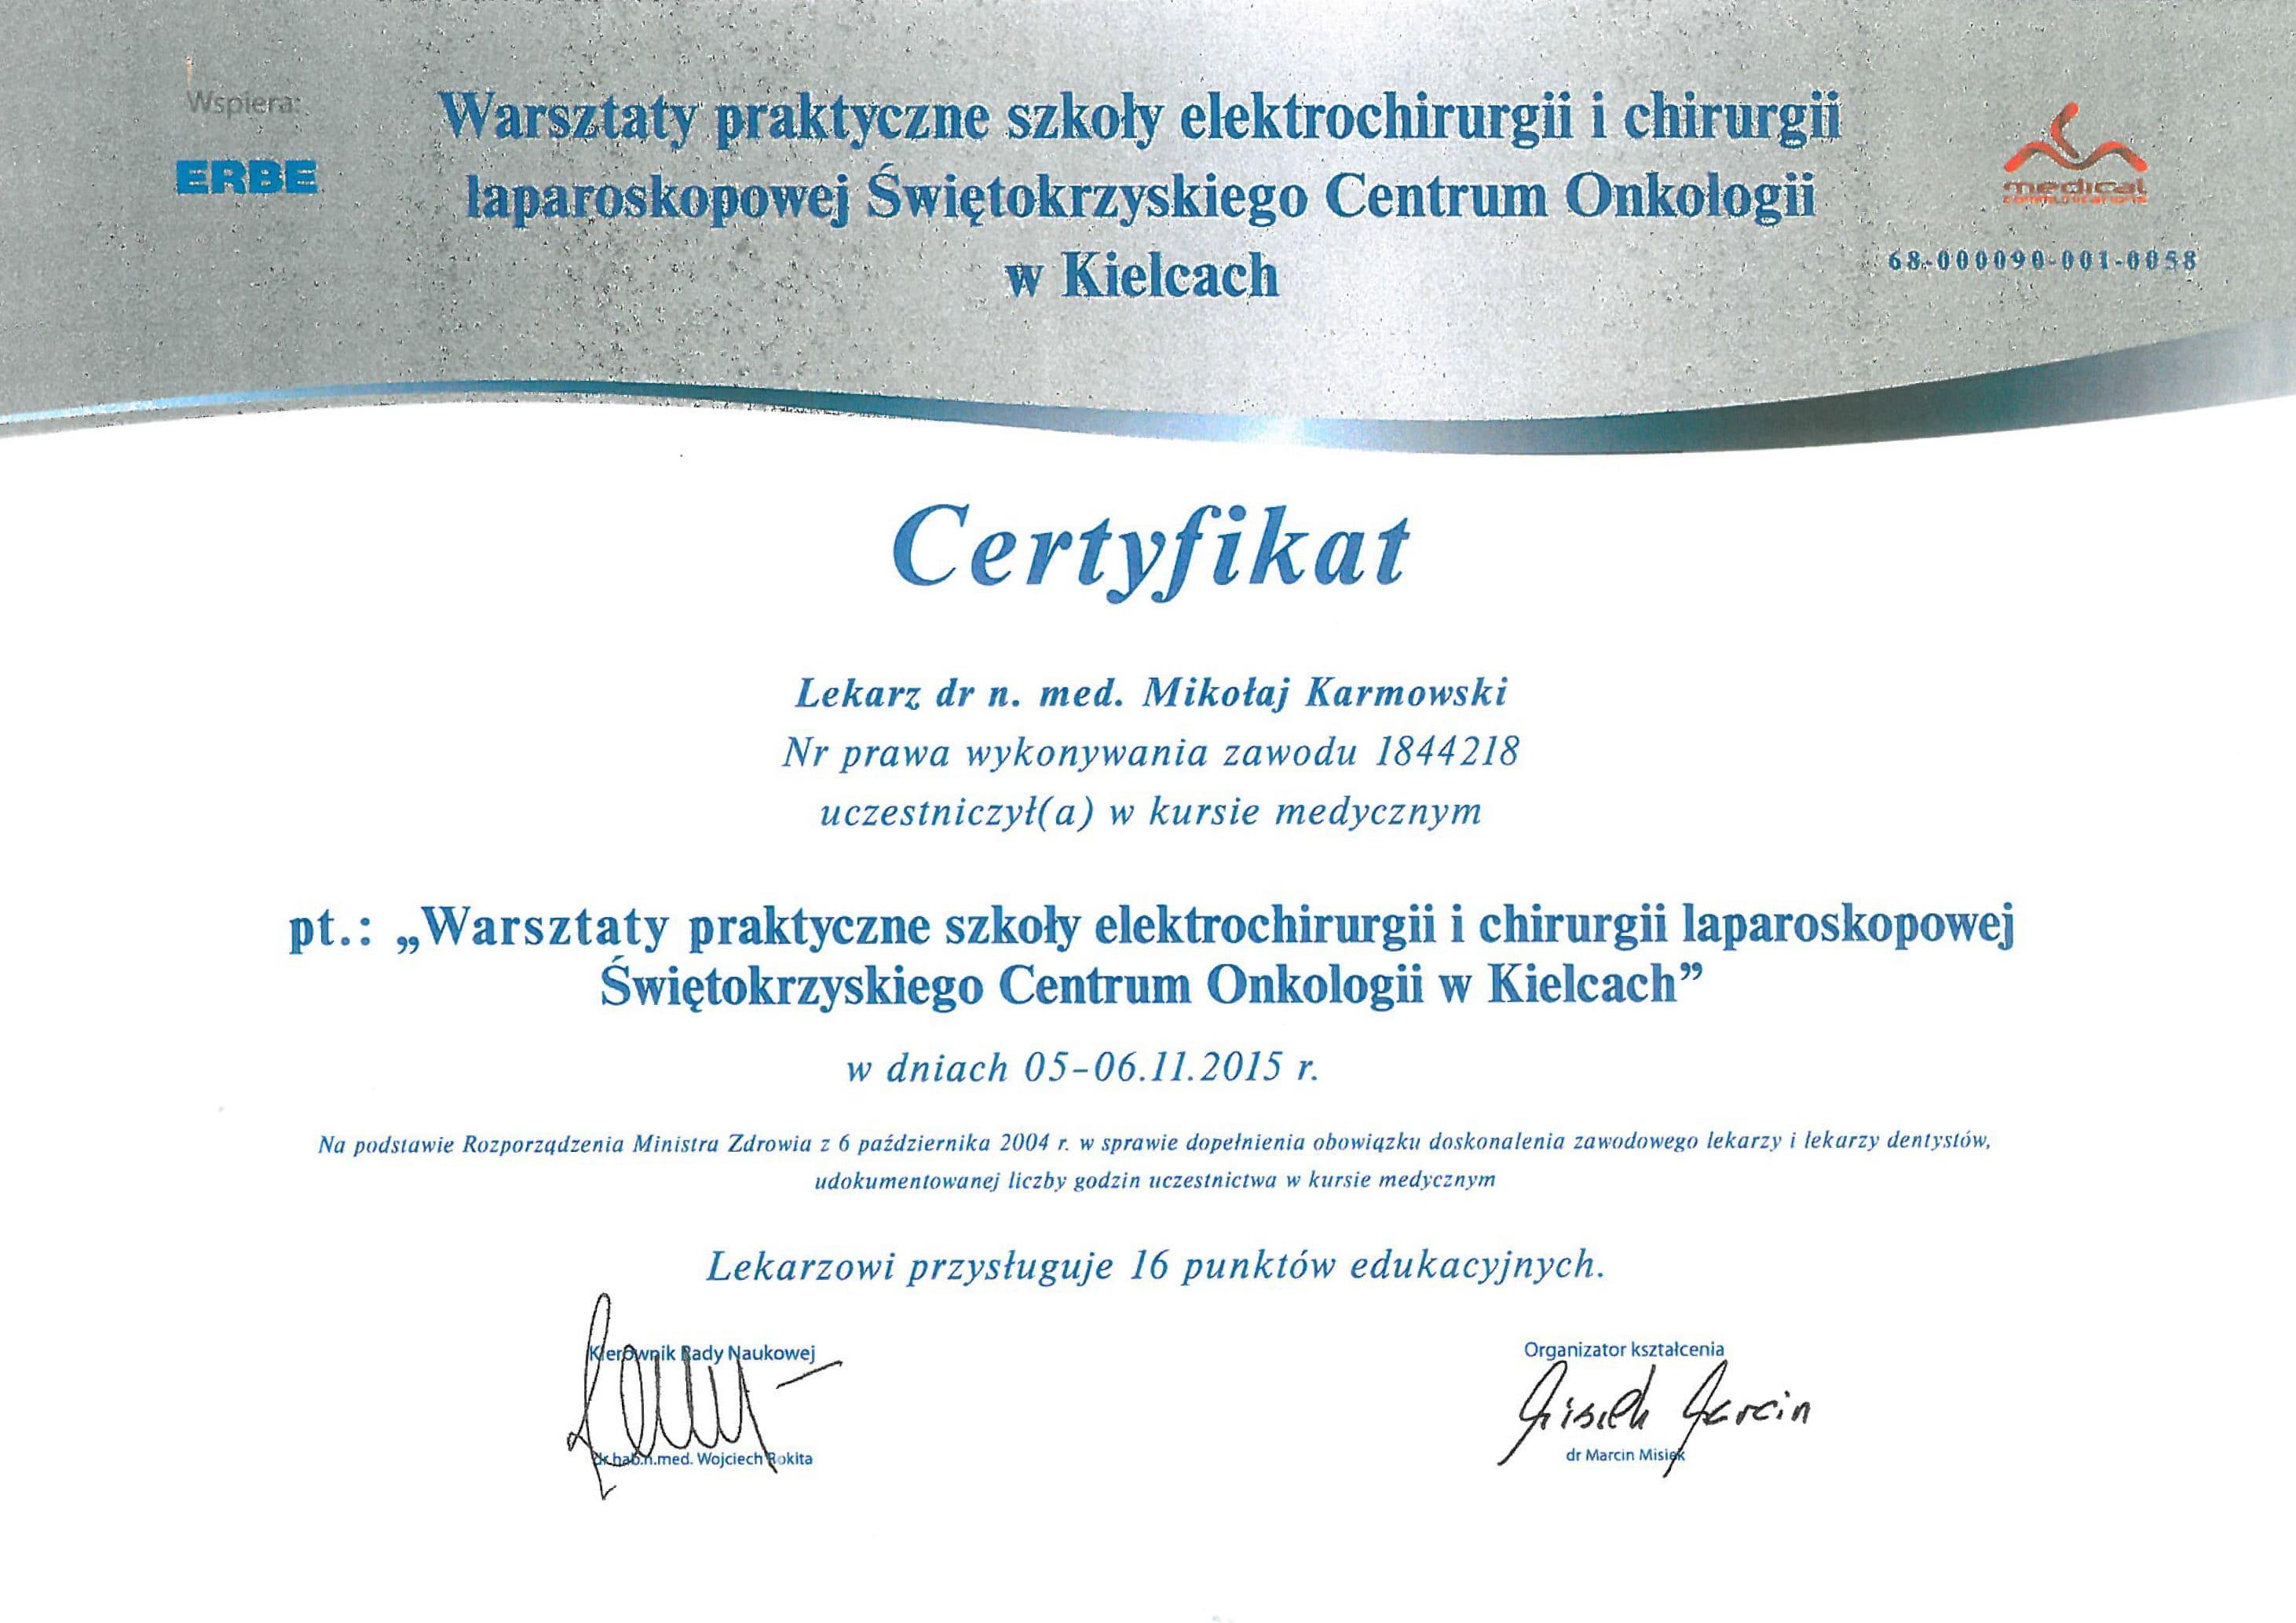 Mikołaj Karmowski certyfikat warsztaty elektrochirurgii i chirurgii laparoskopowej